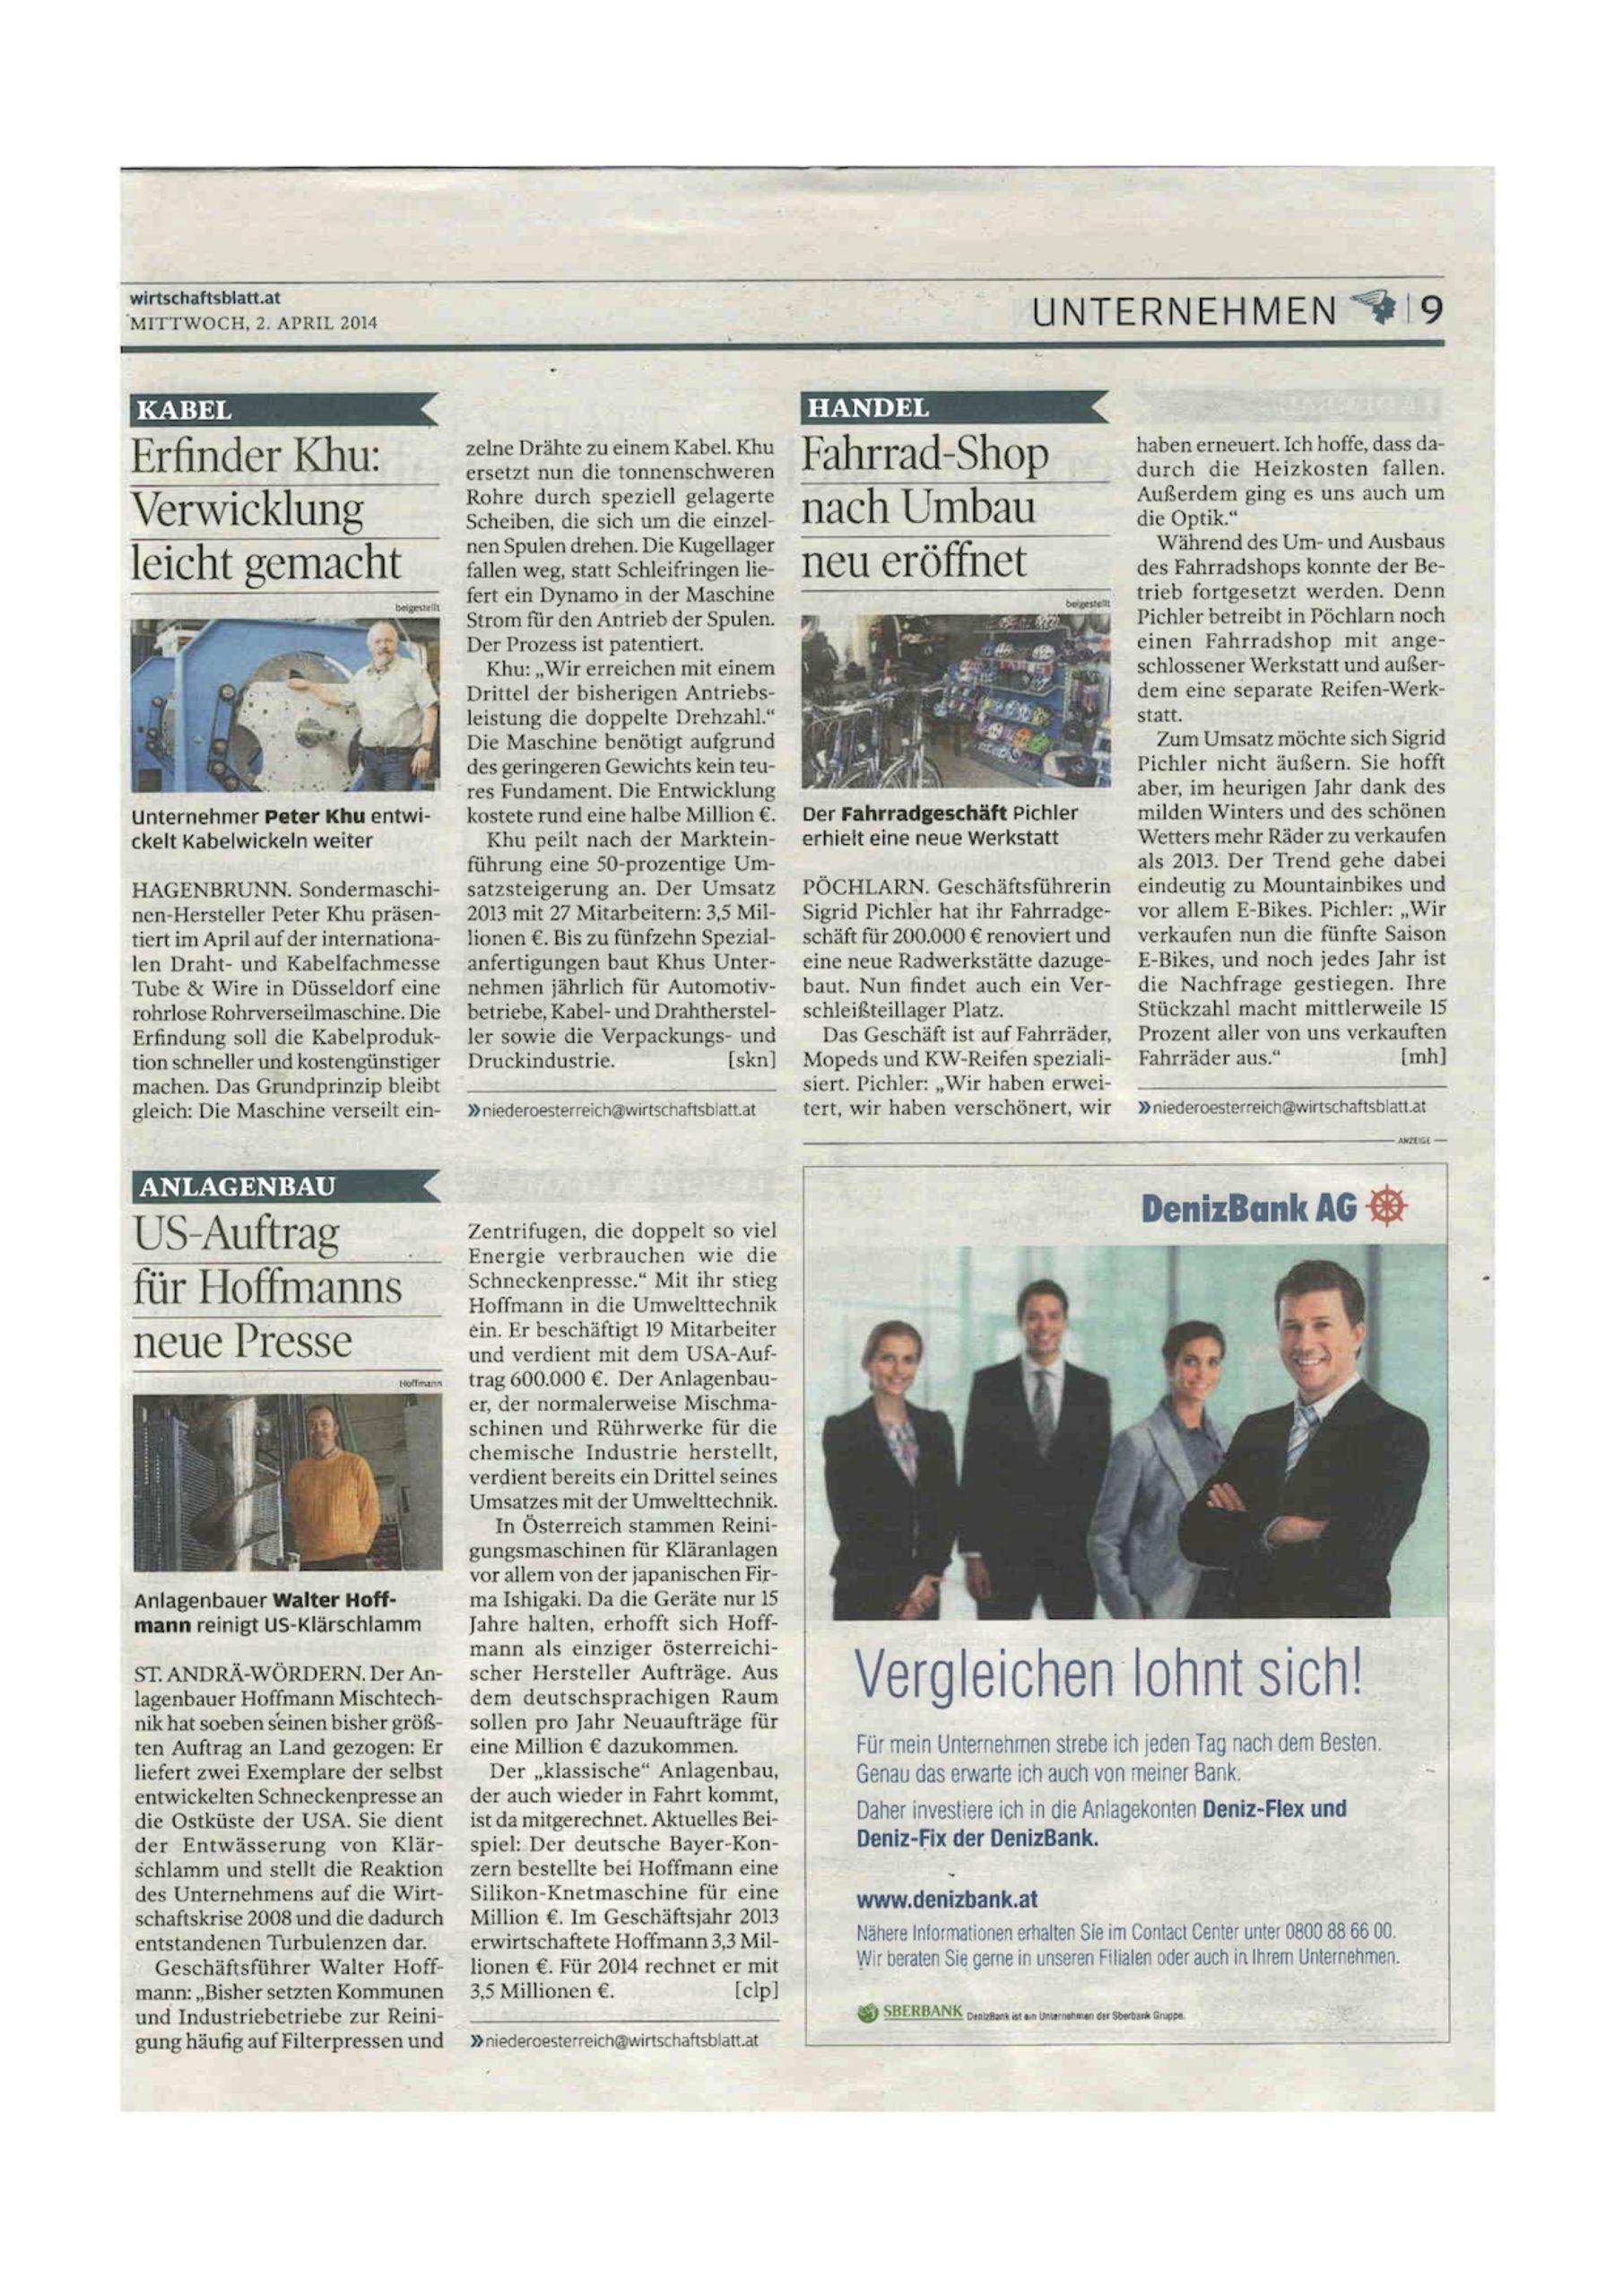 Wirtschaftsblatt Pressemeldung über KHU QSVM Schnellverseilmaschine